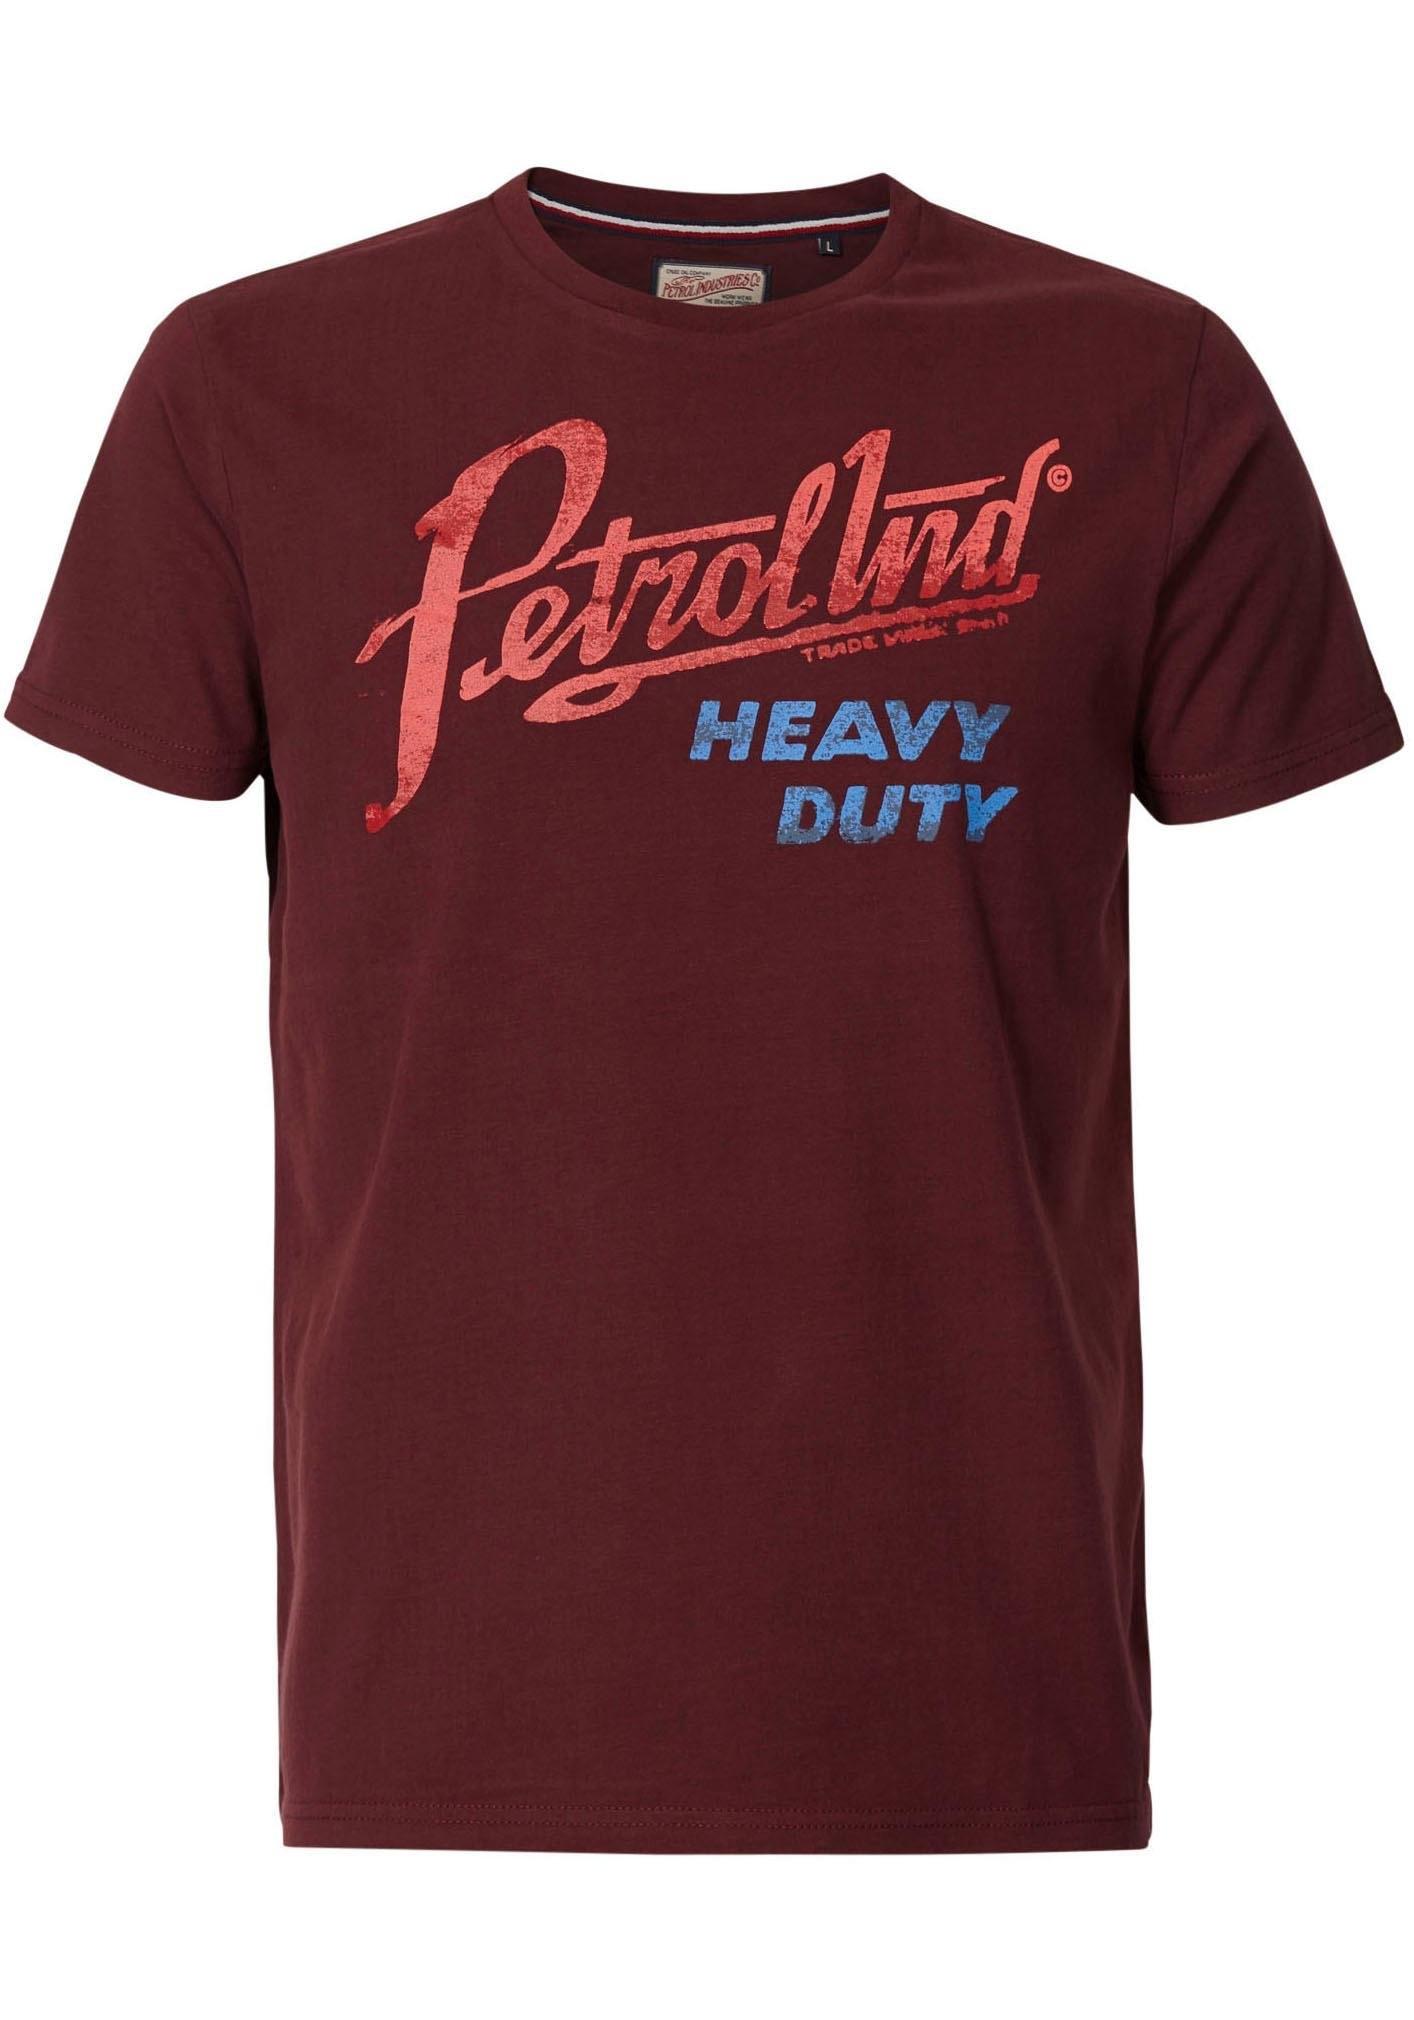 Petrol Industries T-shirt - gratis ruilen op otto.nl